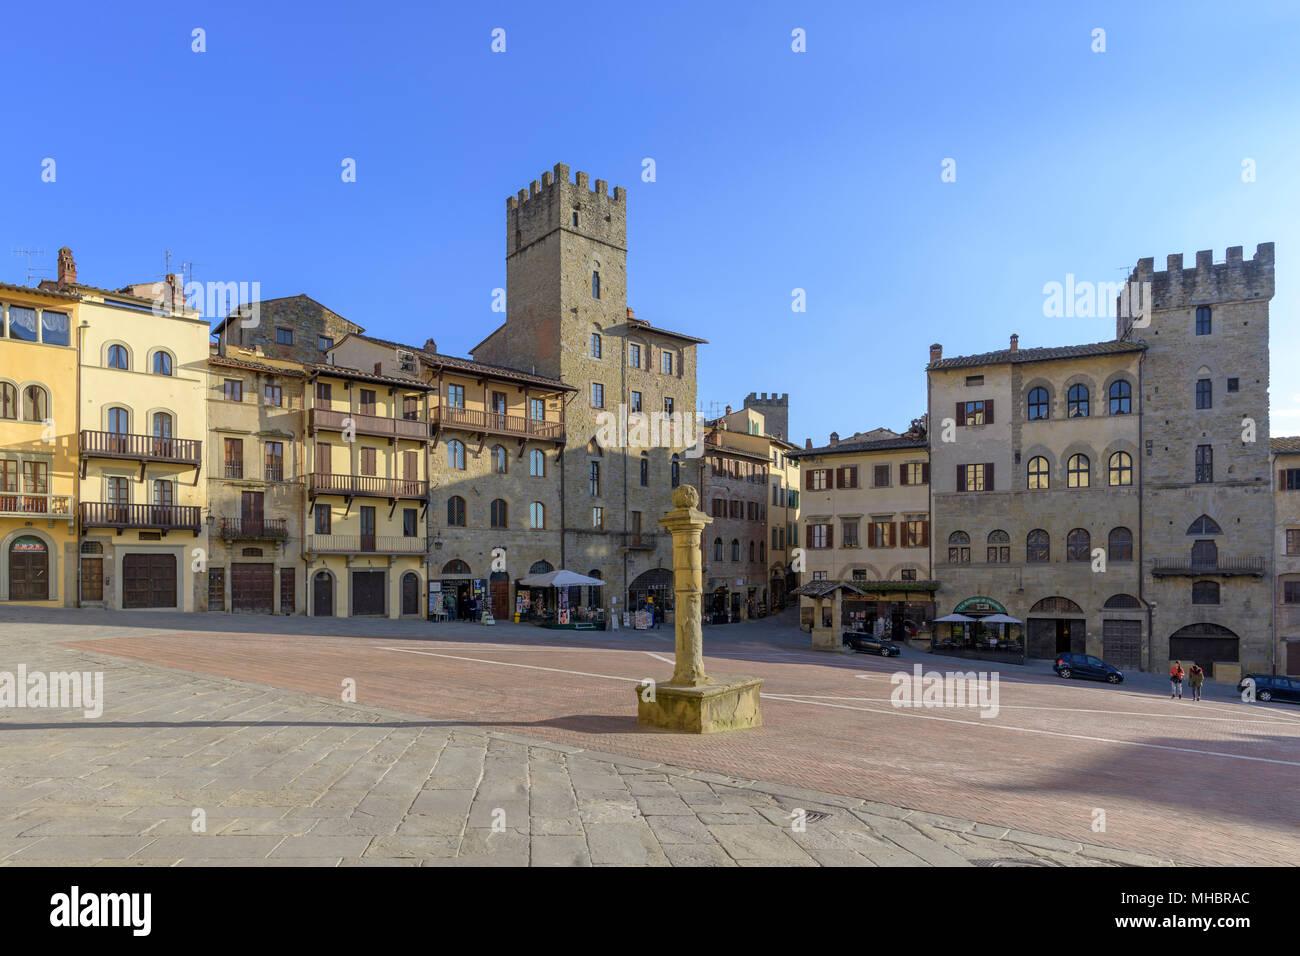 Case Toscane Arezzo : Piazza grande con le case patrizie arezzo toscana italia foto